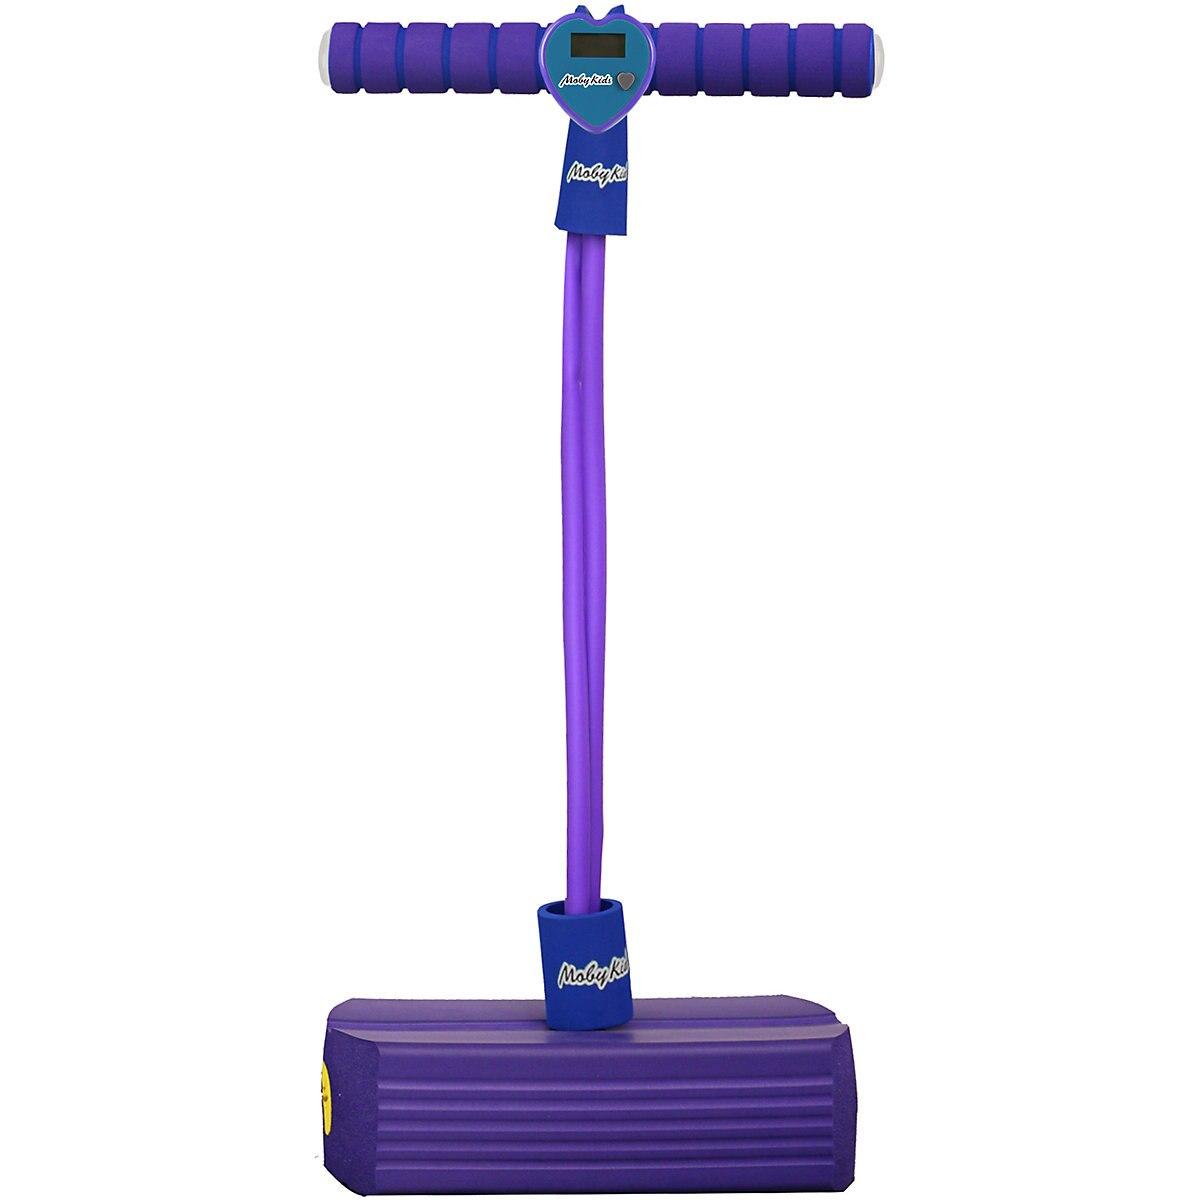 MOBY BAMBINI Baby Activity Gym 10263706 del bambino giocattoli macchina di esercizio per il salto per le ragazze e ragazzi MTpromo